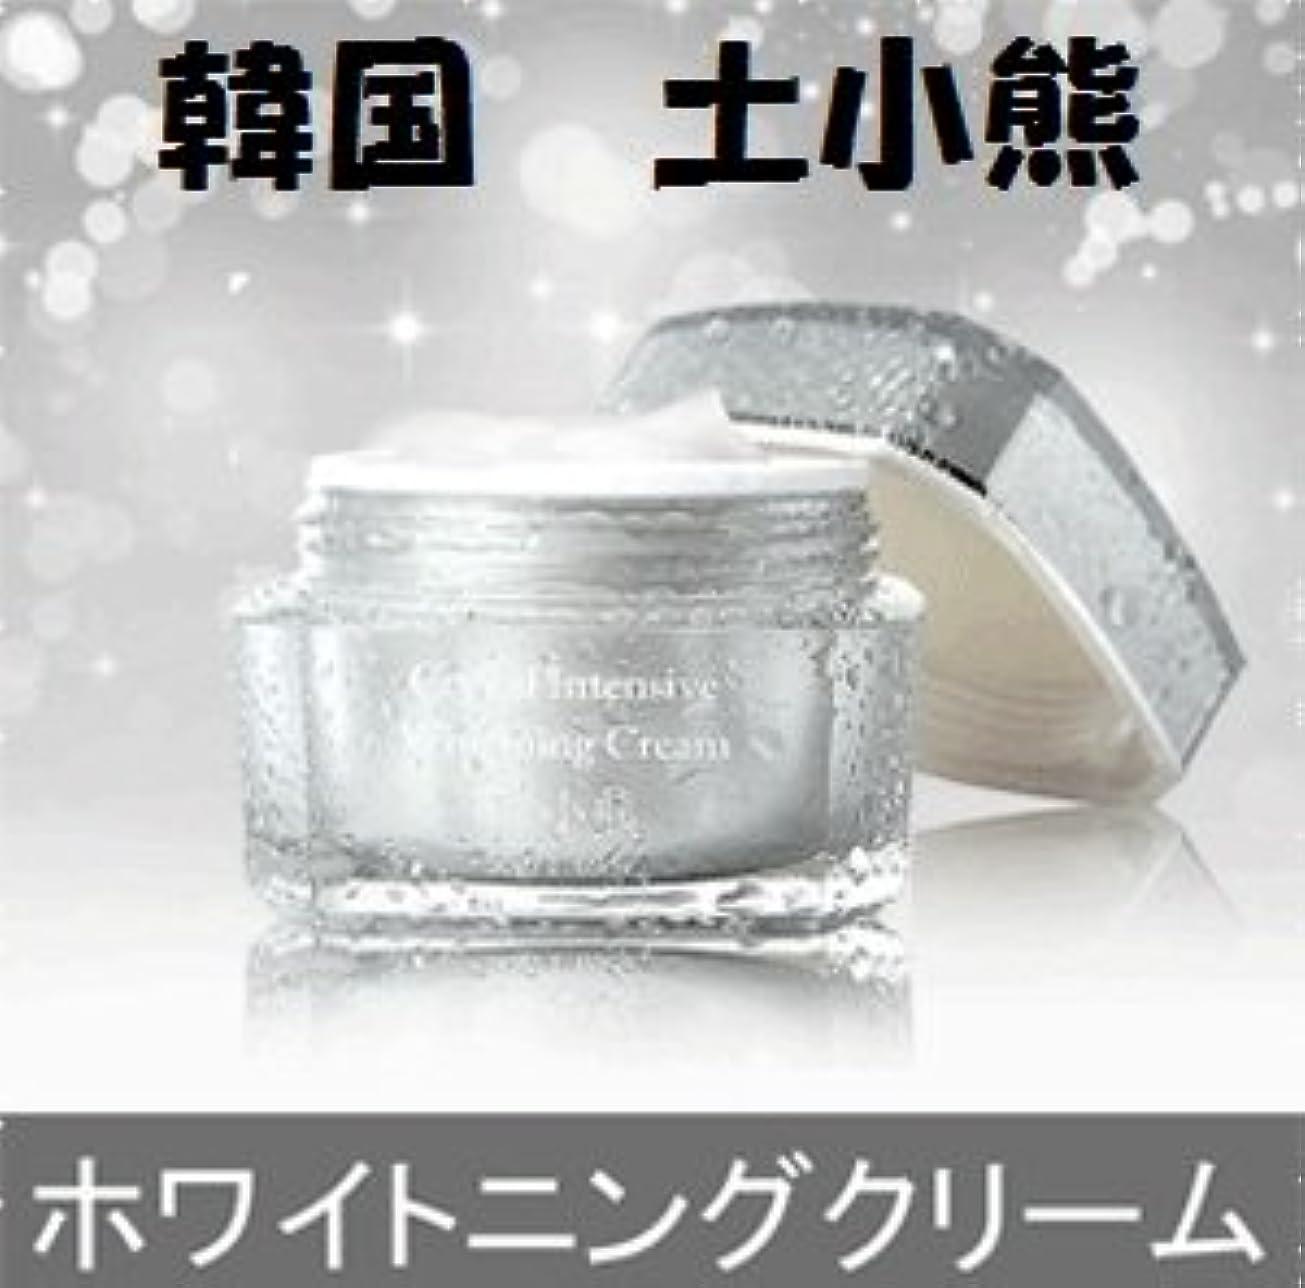 で出来ている摩擦少ない韓国 土小熊 (ドソウン) ホワイトニング クリーム 50g